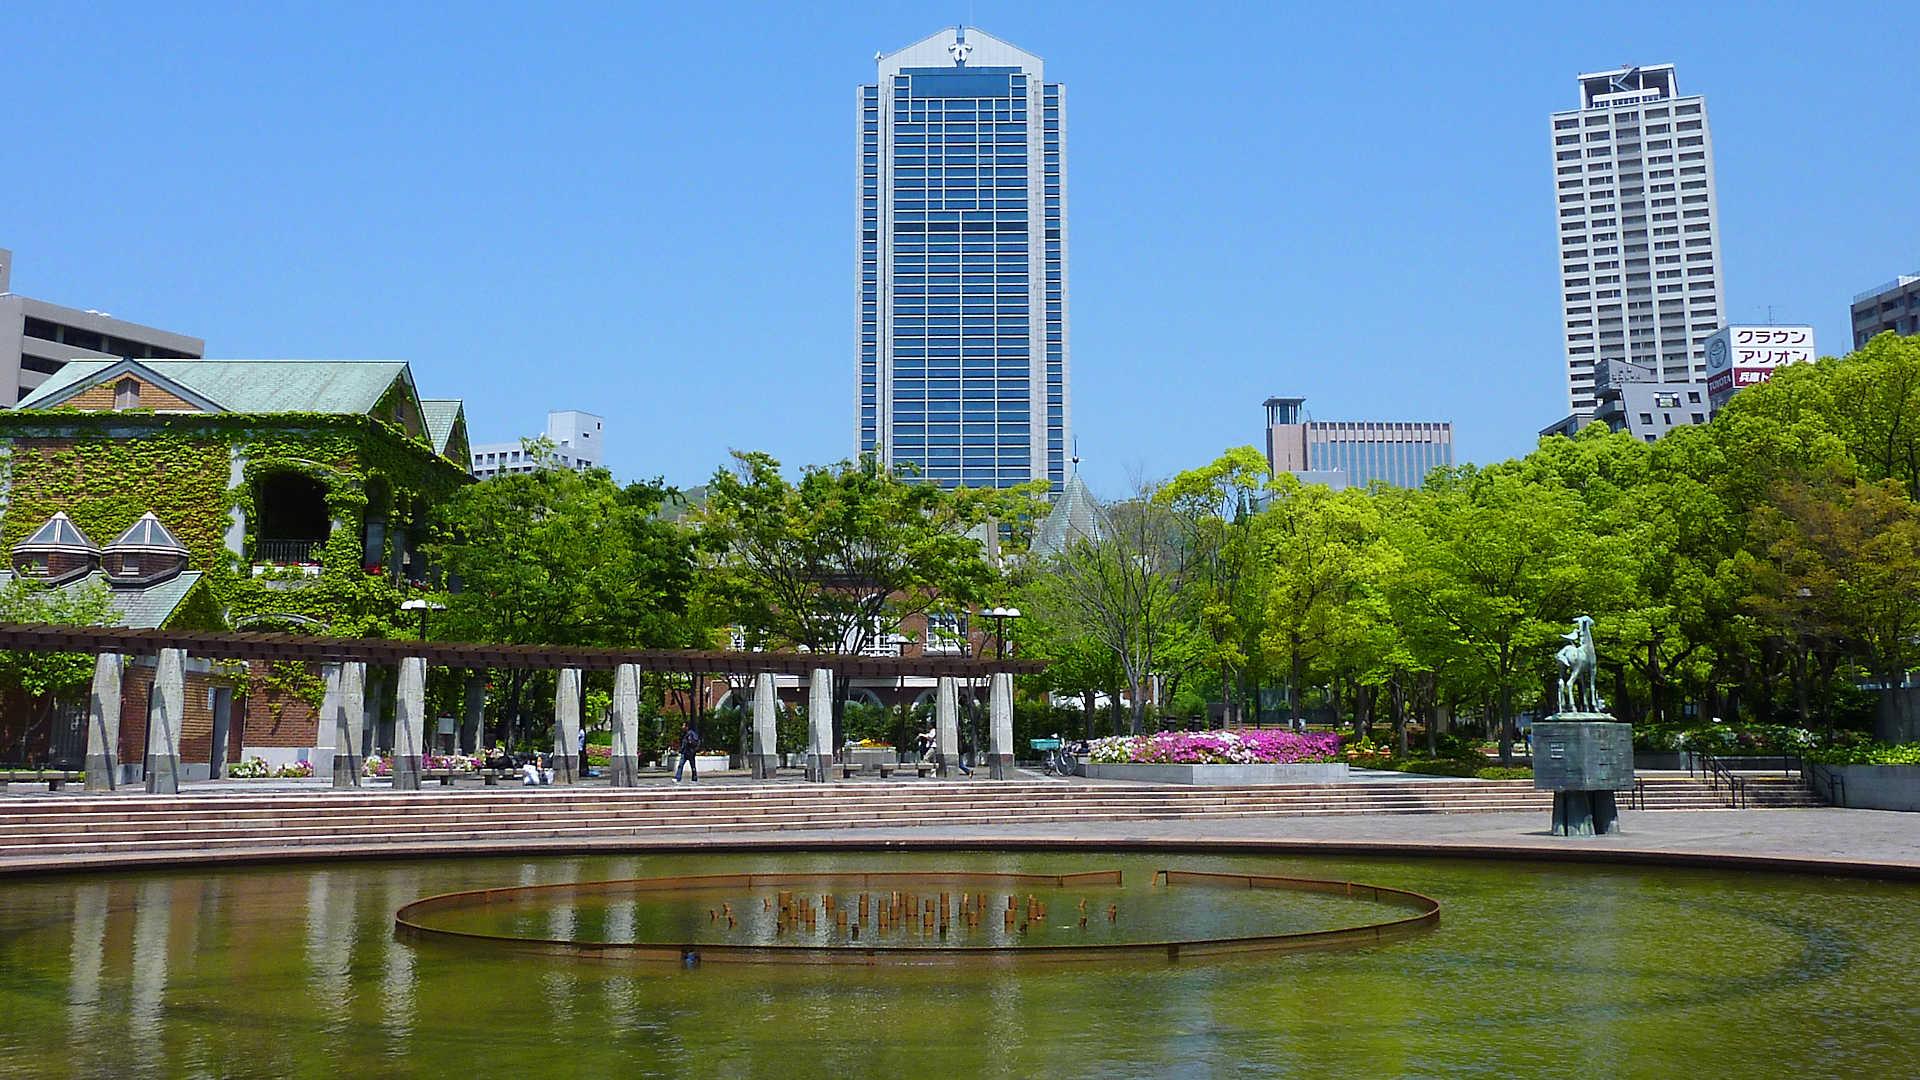 東遊園地 神戸旧居留地の緑地都市公園